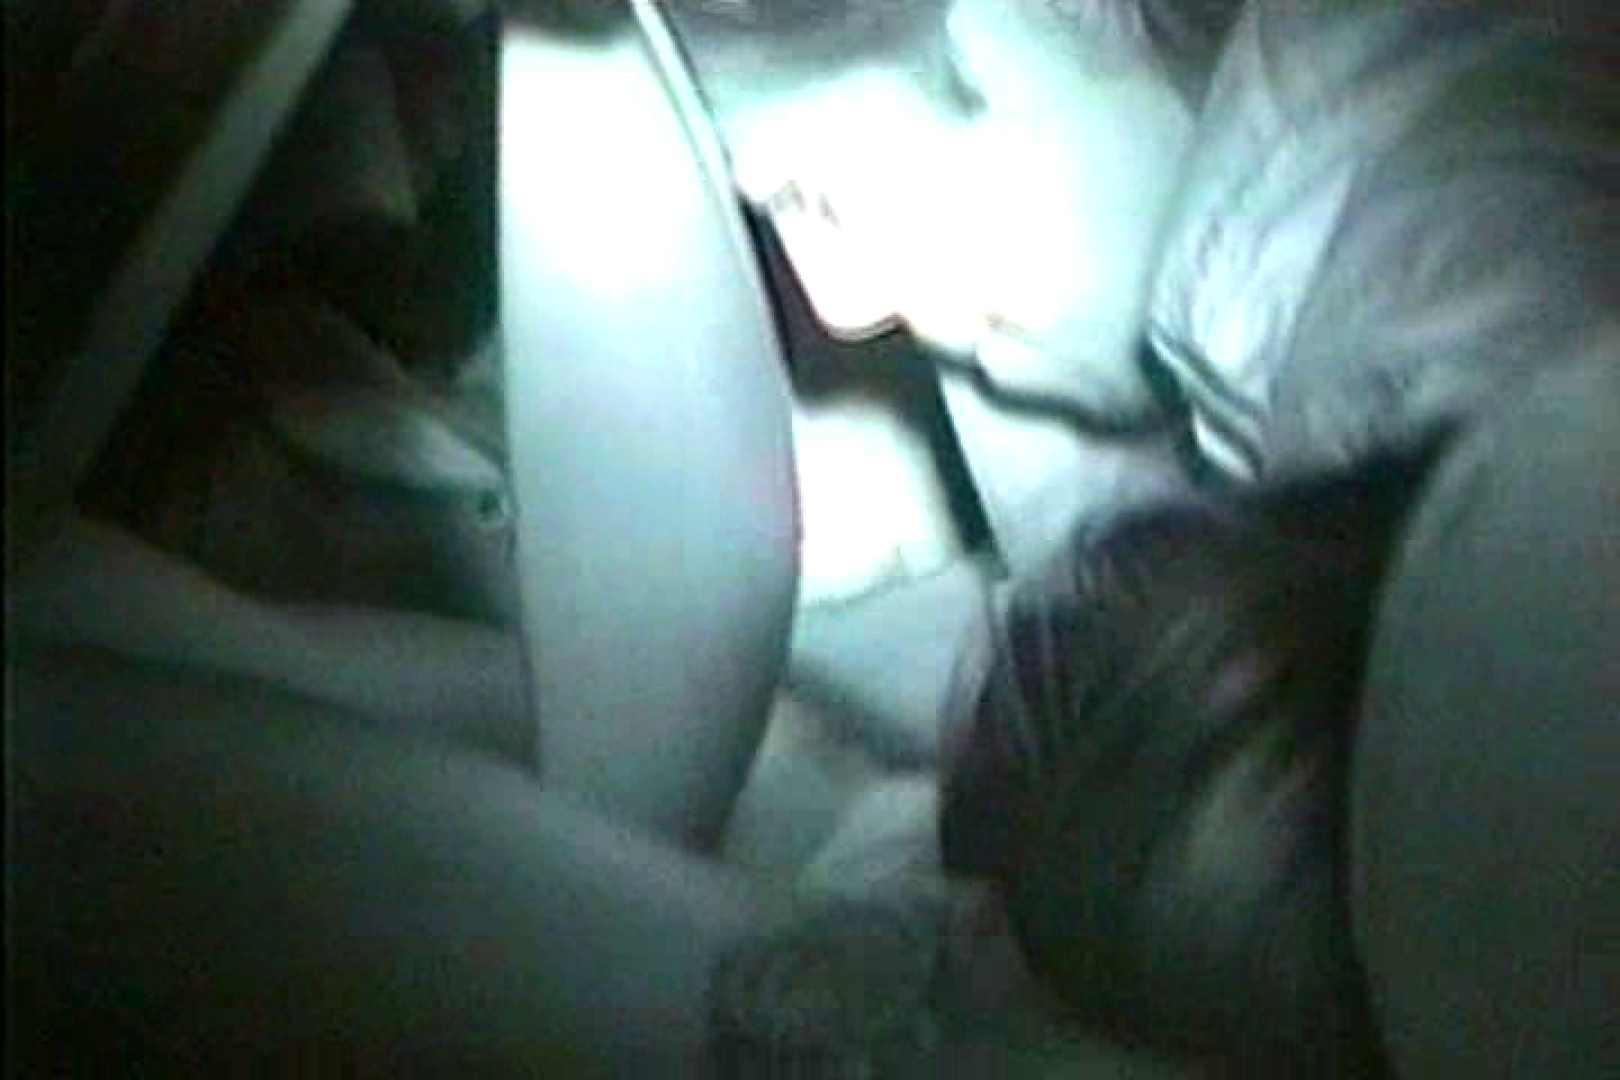 車の中はラブホテル 無修正版  Vol.6 ホテル ワレメ動画紹介 89画像 14